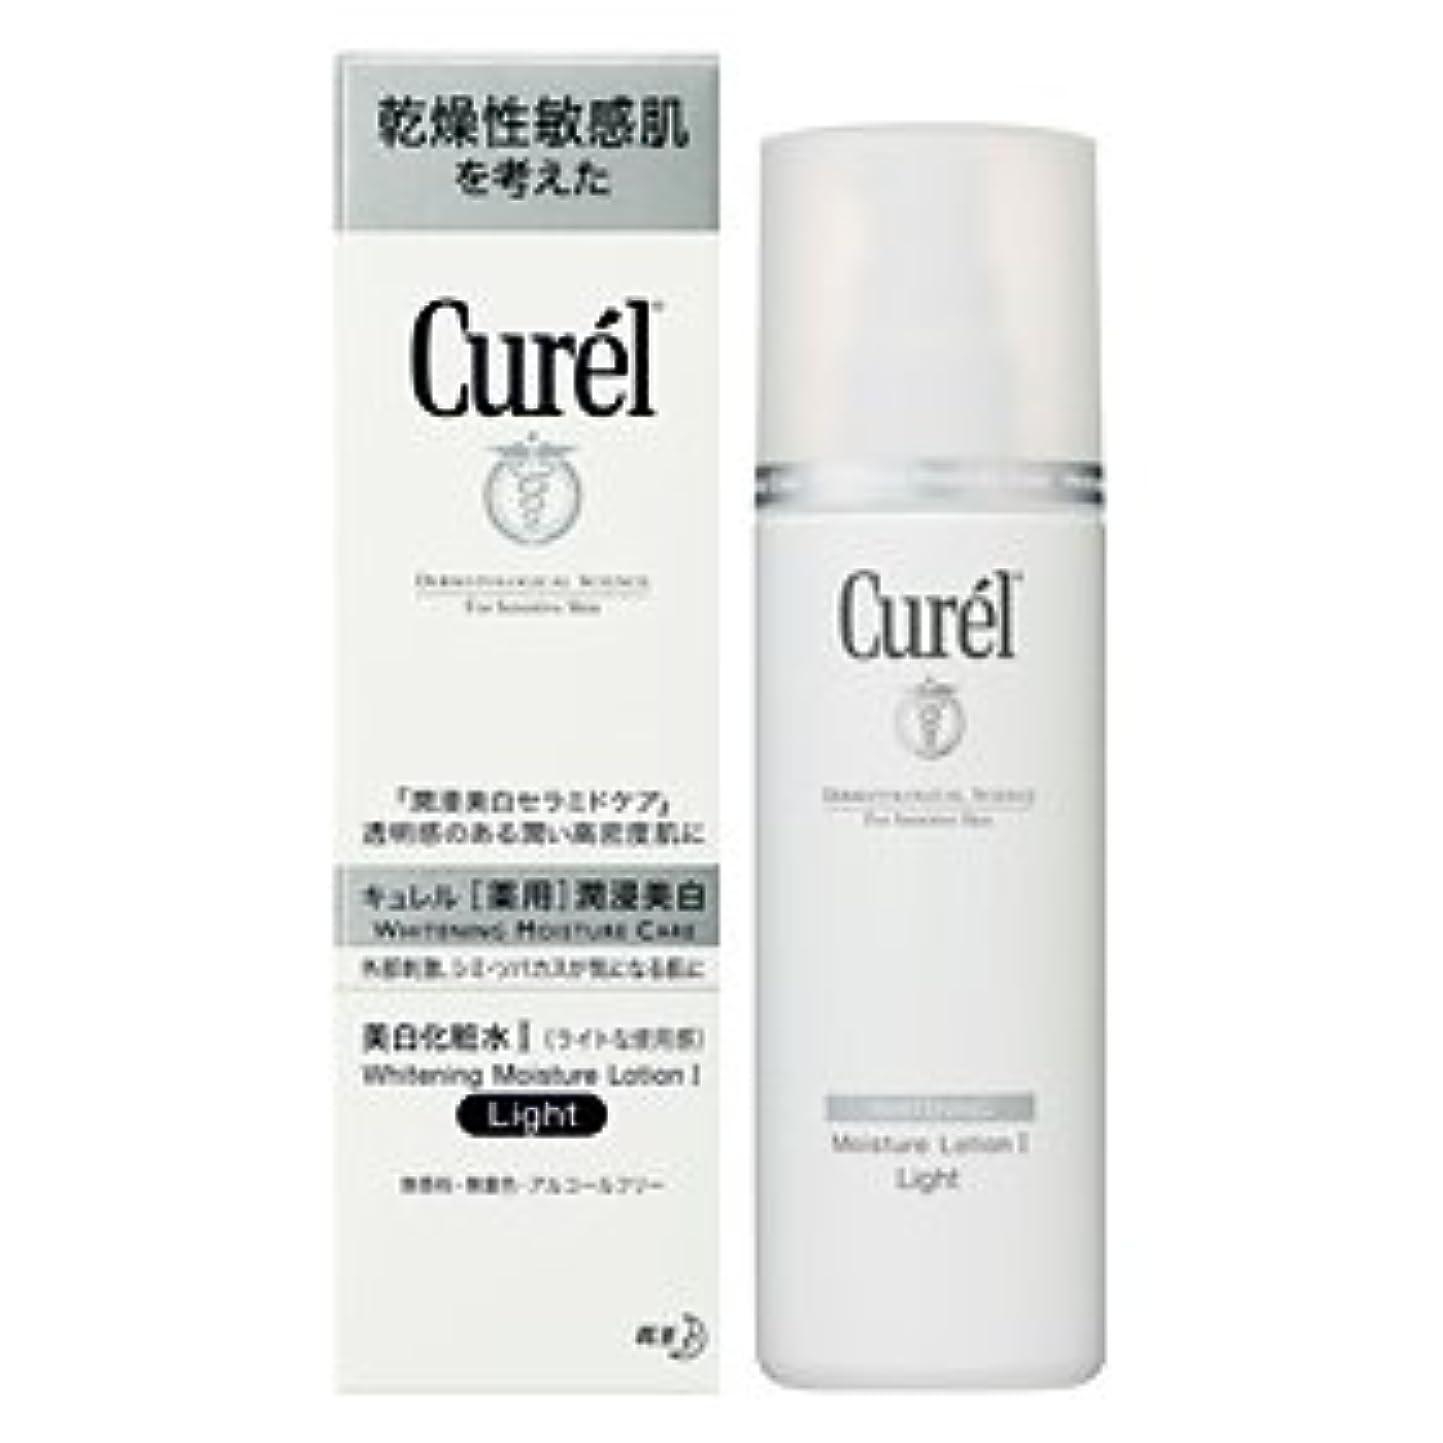 香り形状固体キュレル 美白化粧水1(ライトな使用感) 140ml×3個セット